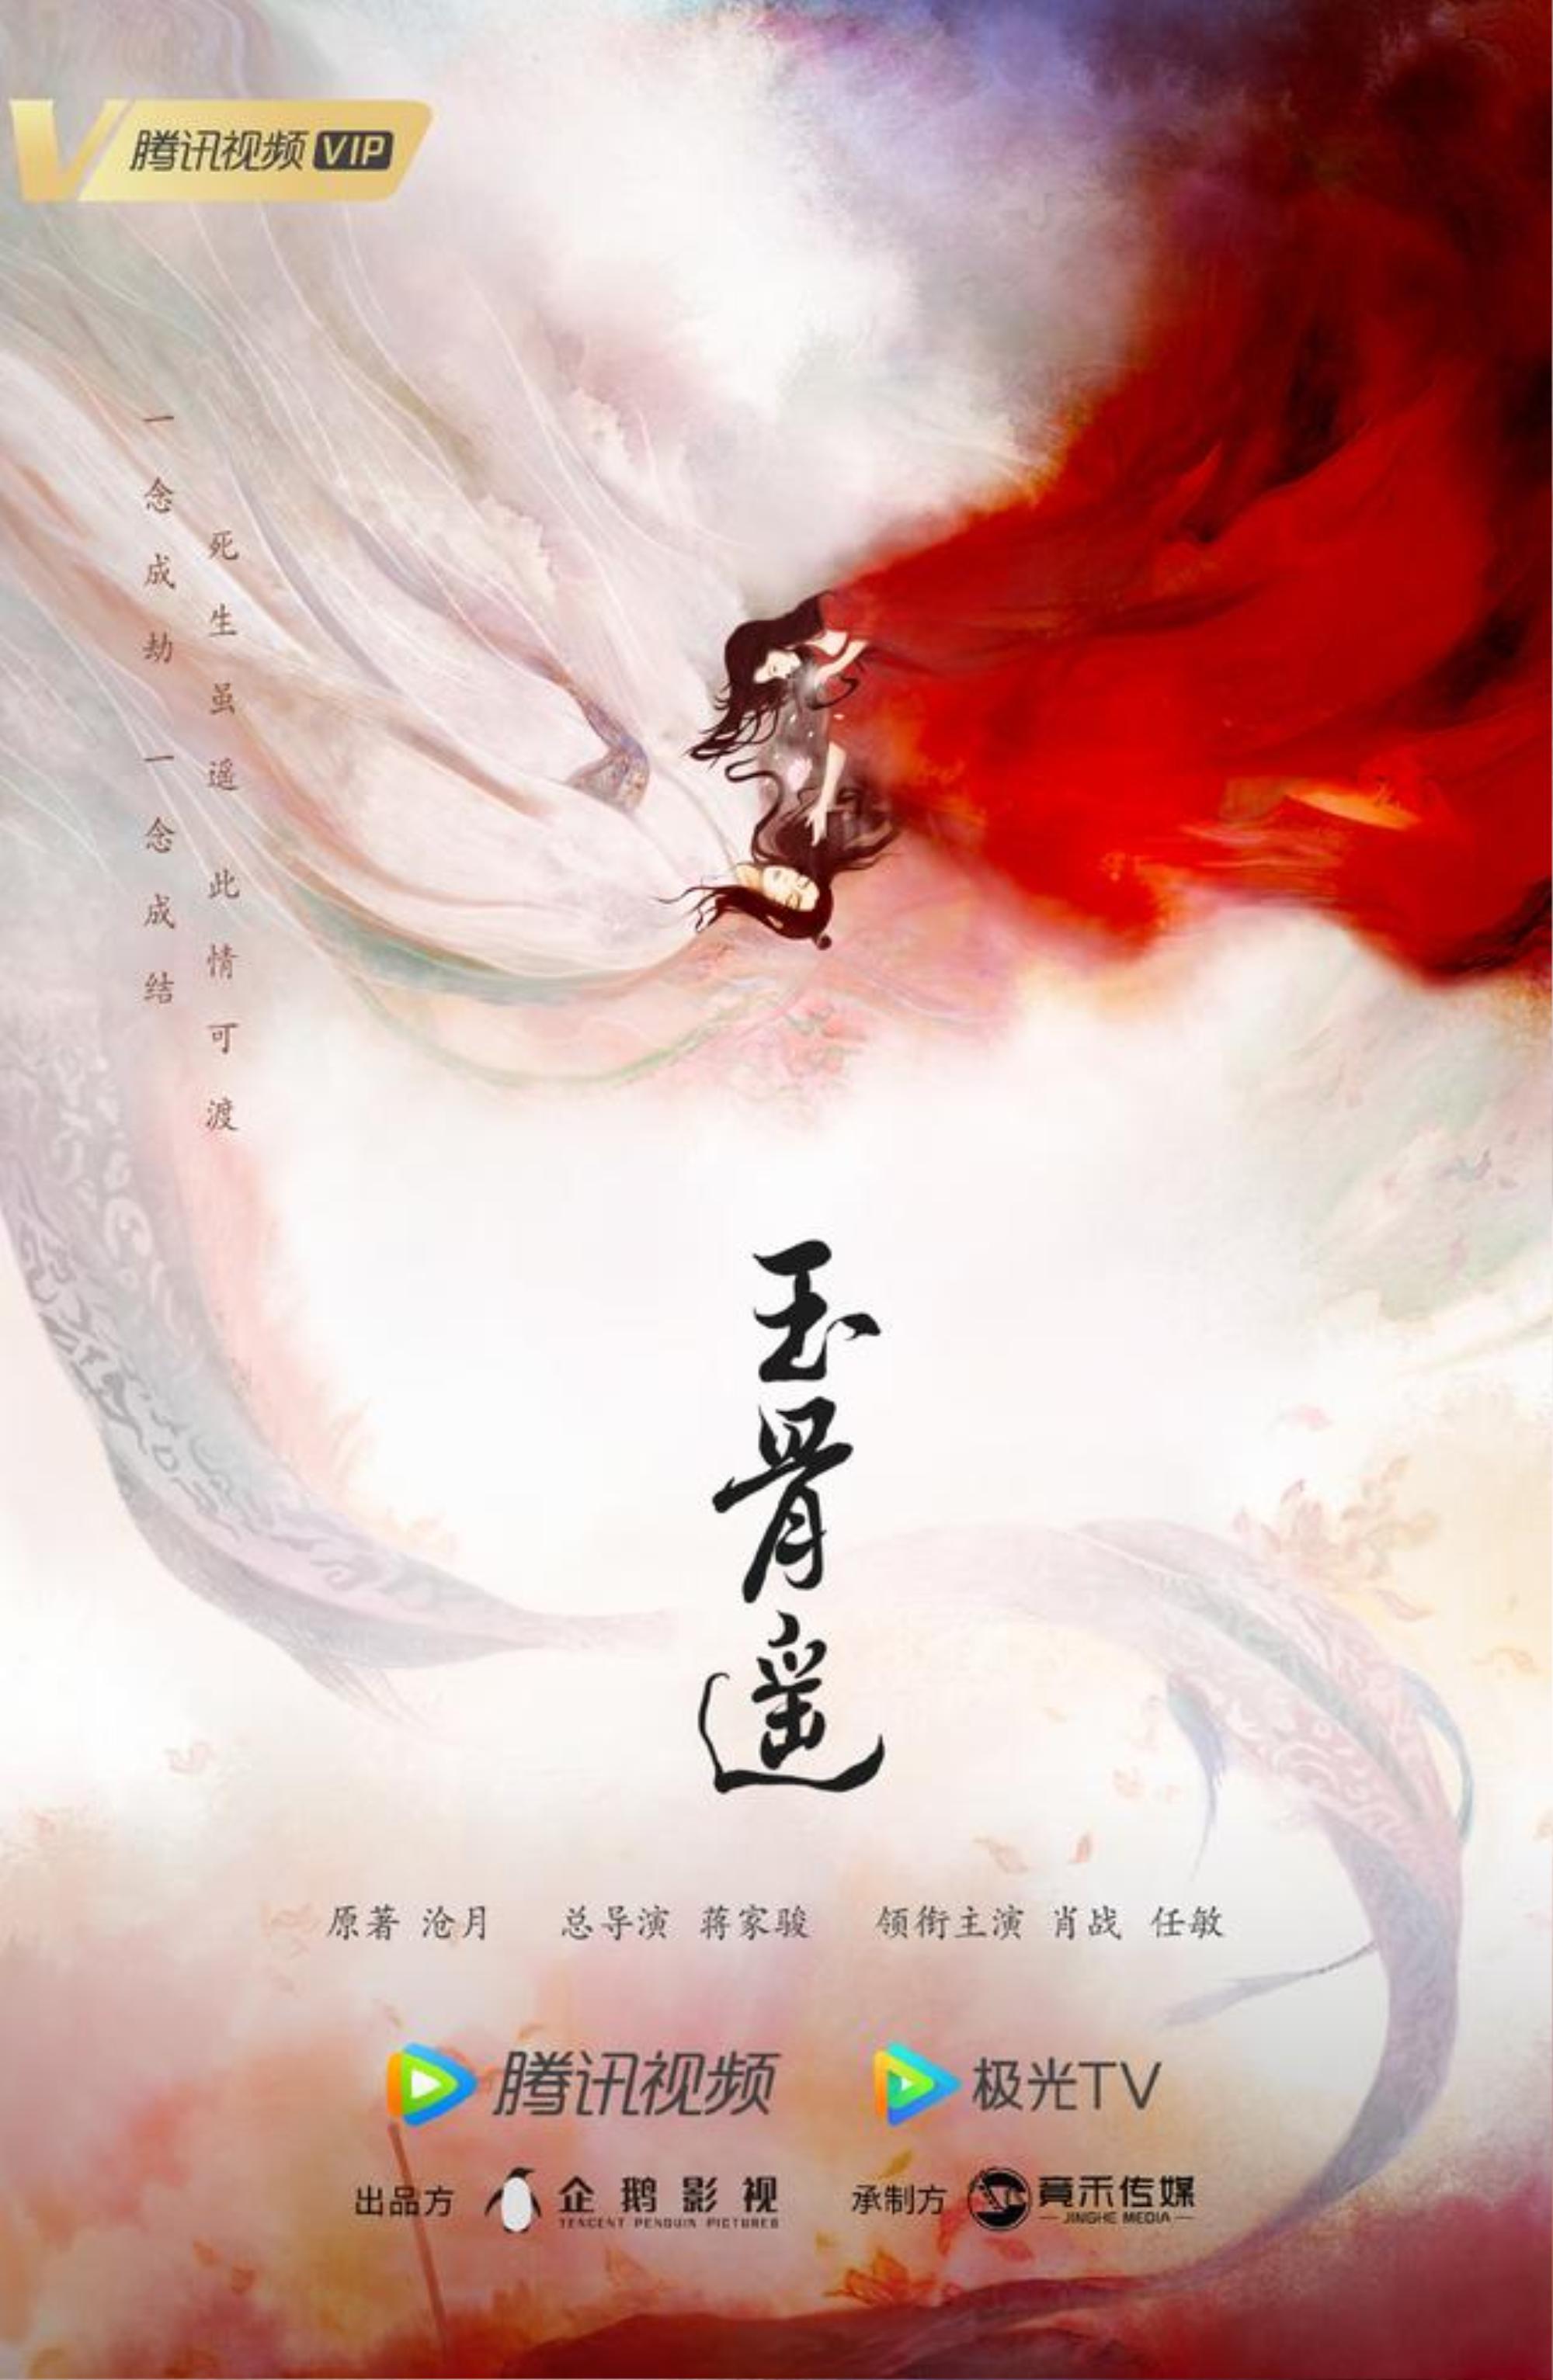 Lưu Diệc Phi - Địch Lệ Nhiệt Ba - Dương Mịch -Tiêu Chiến so kè: Phim của ai có khả năng thắng thế? Ảnh 28